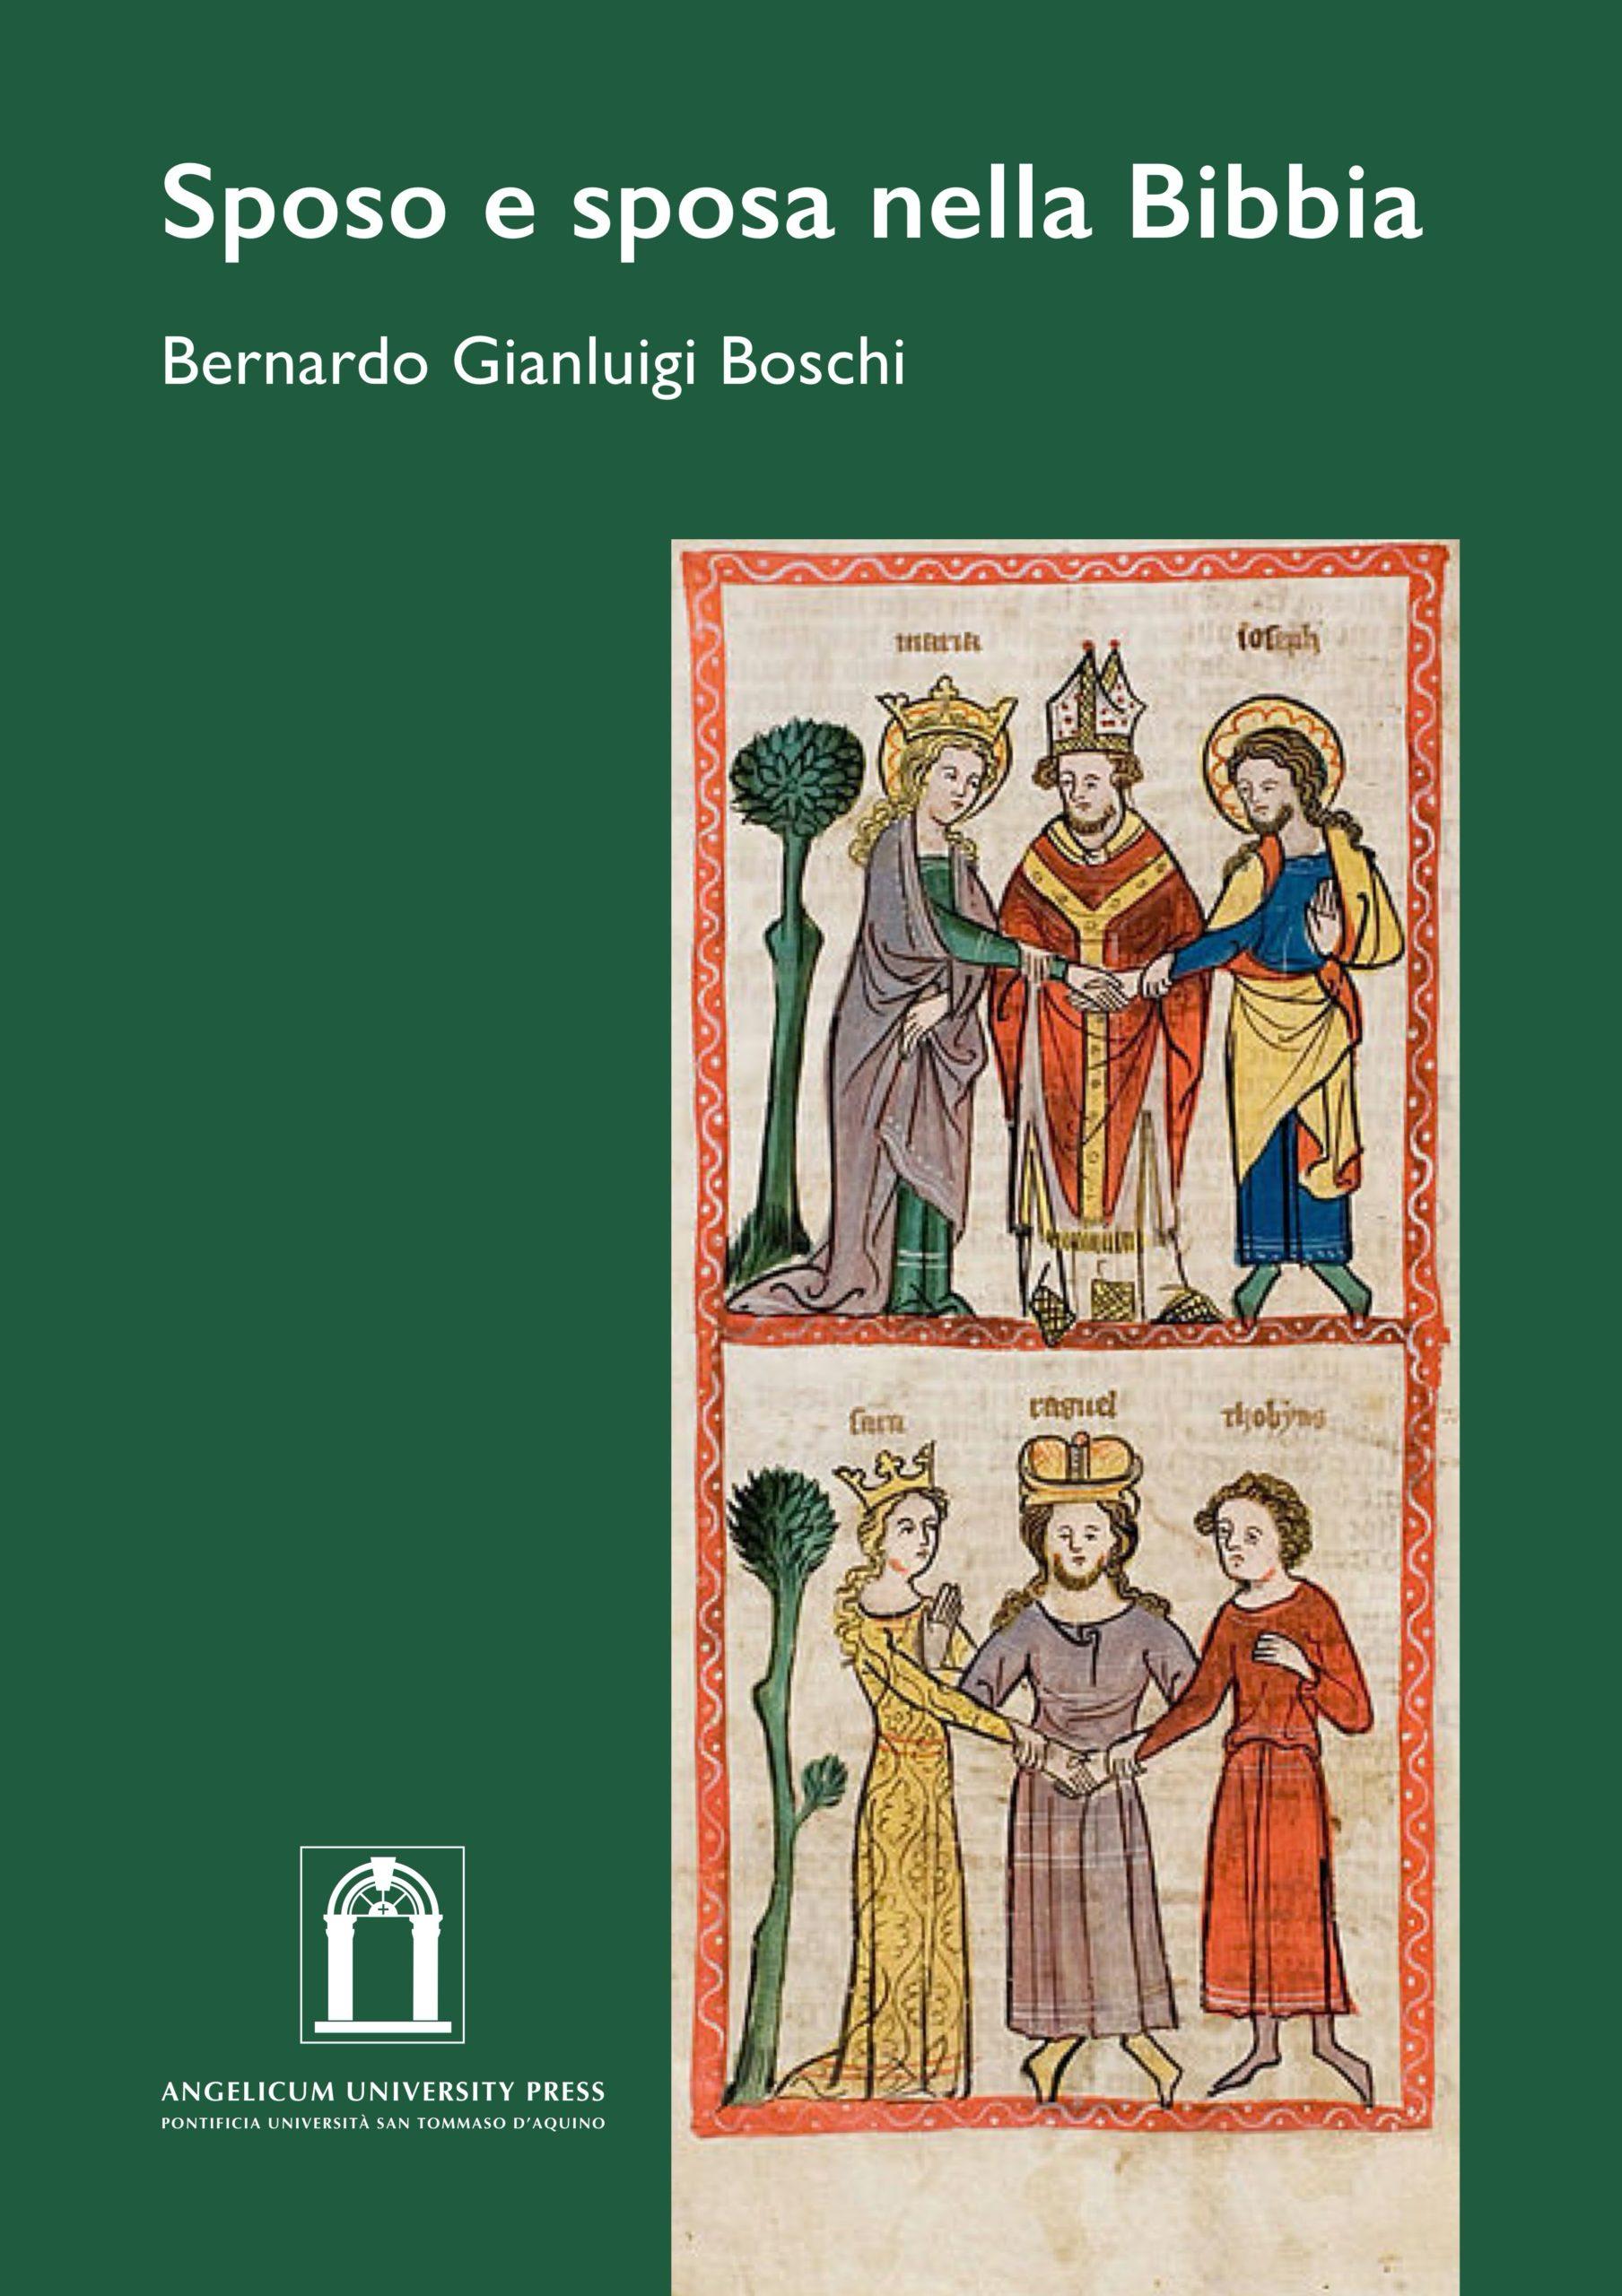 Sposo e sposa nella Bibbia book cover